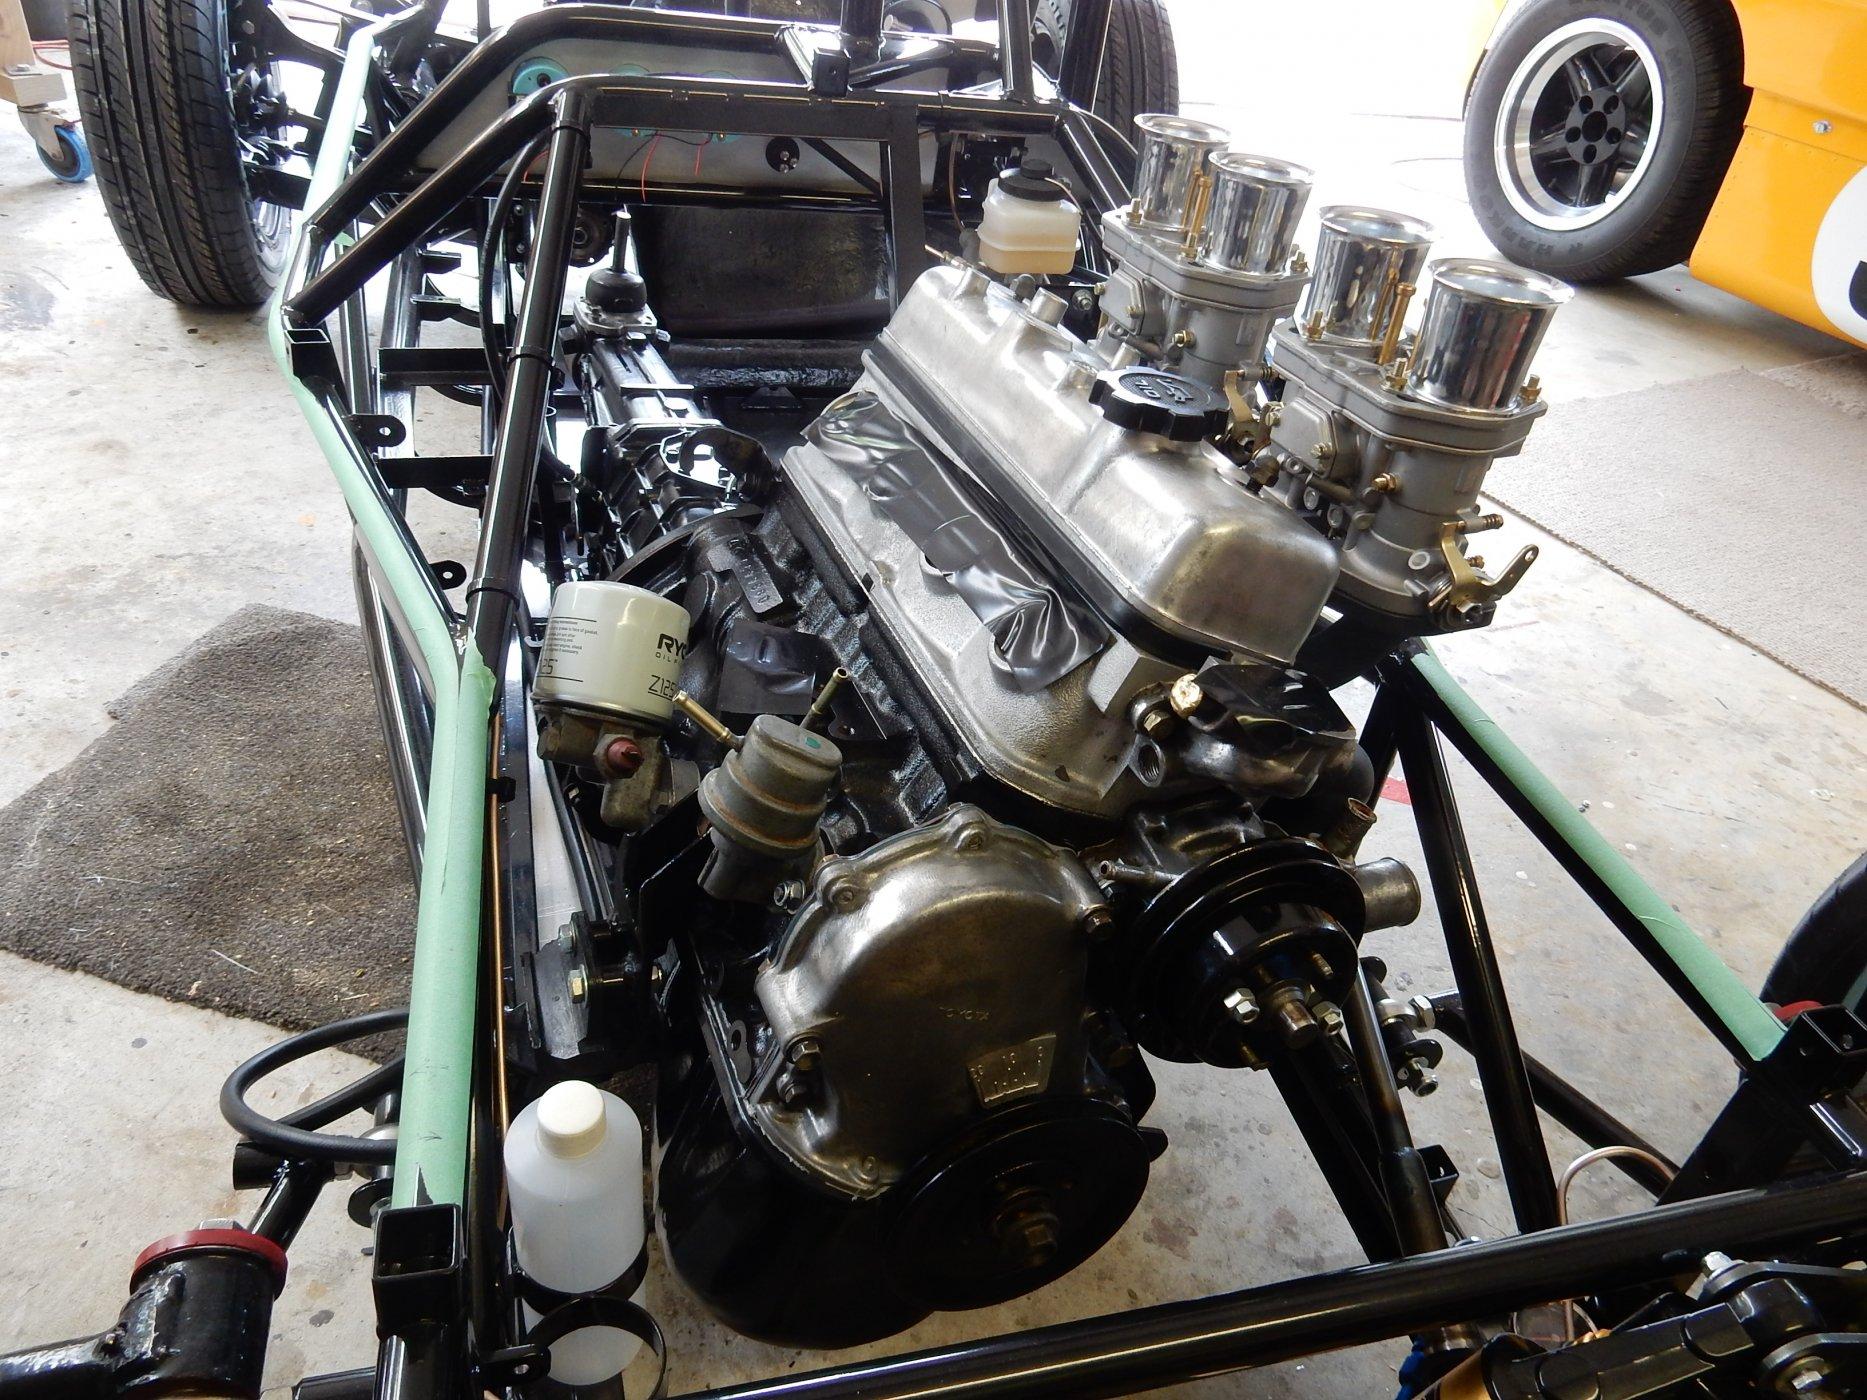 DSCN6465.JPG